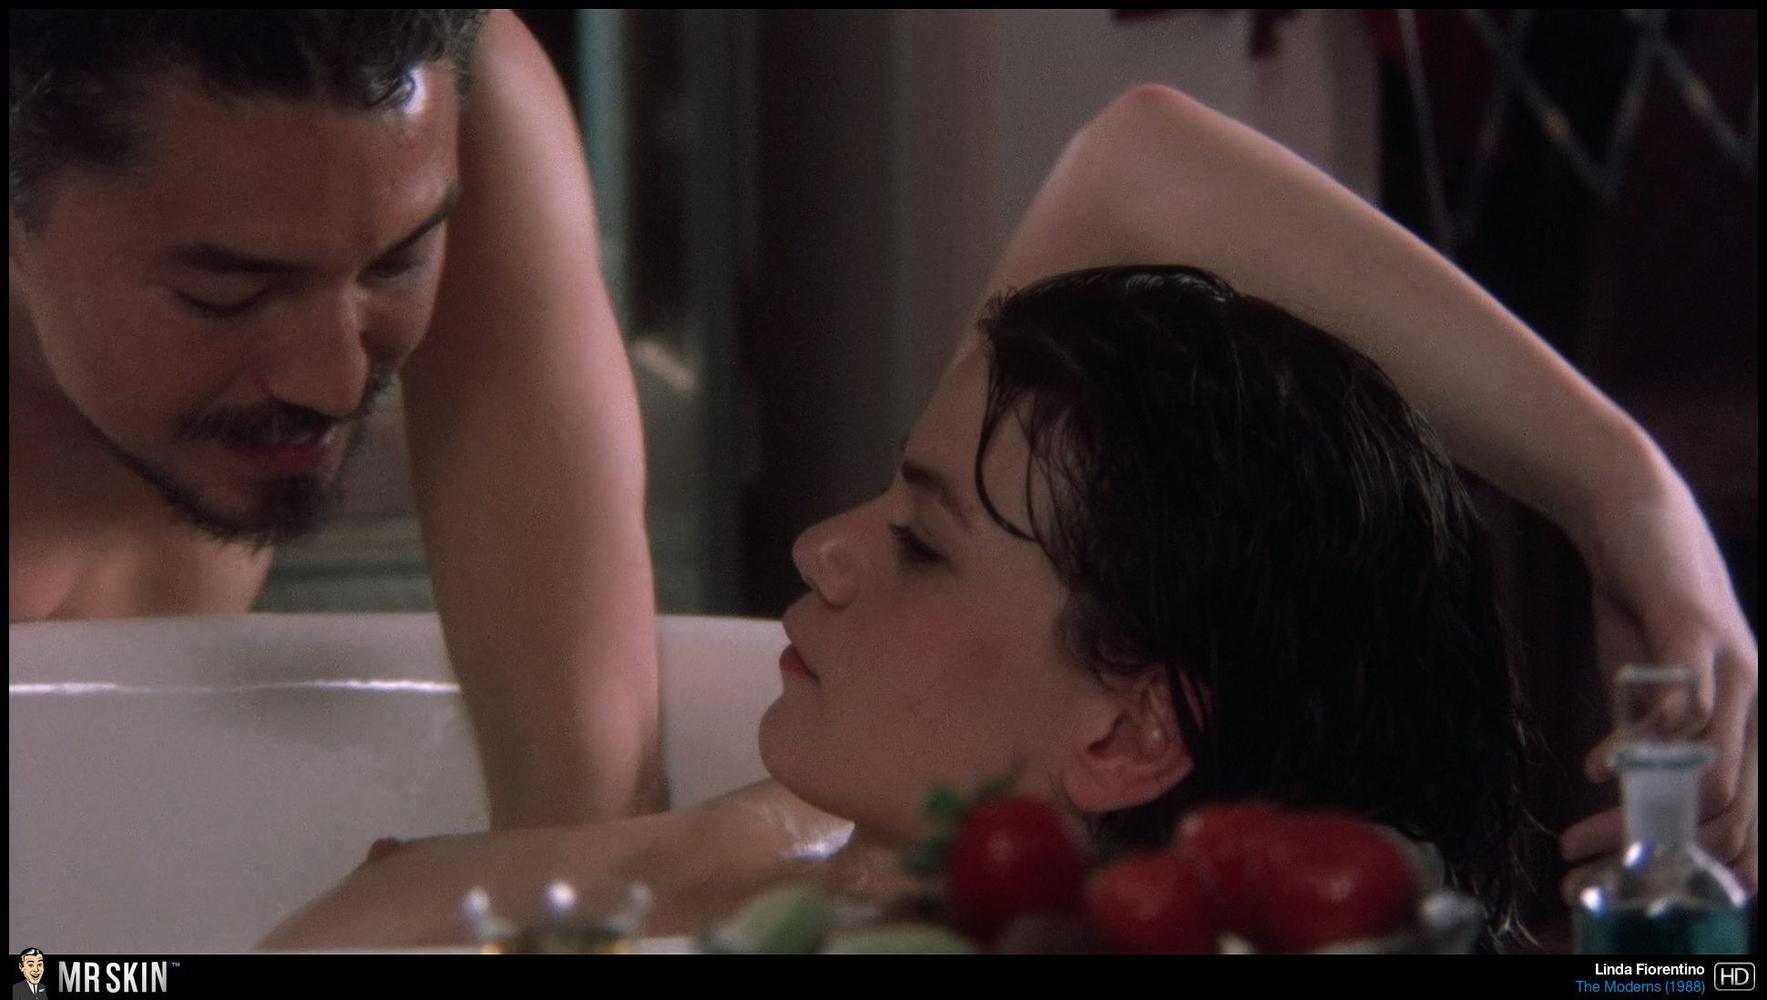 Fake nude videot linda fiorentino-8420